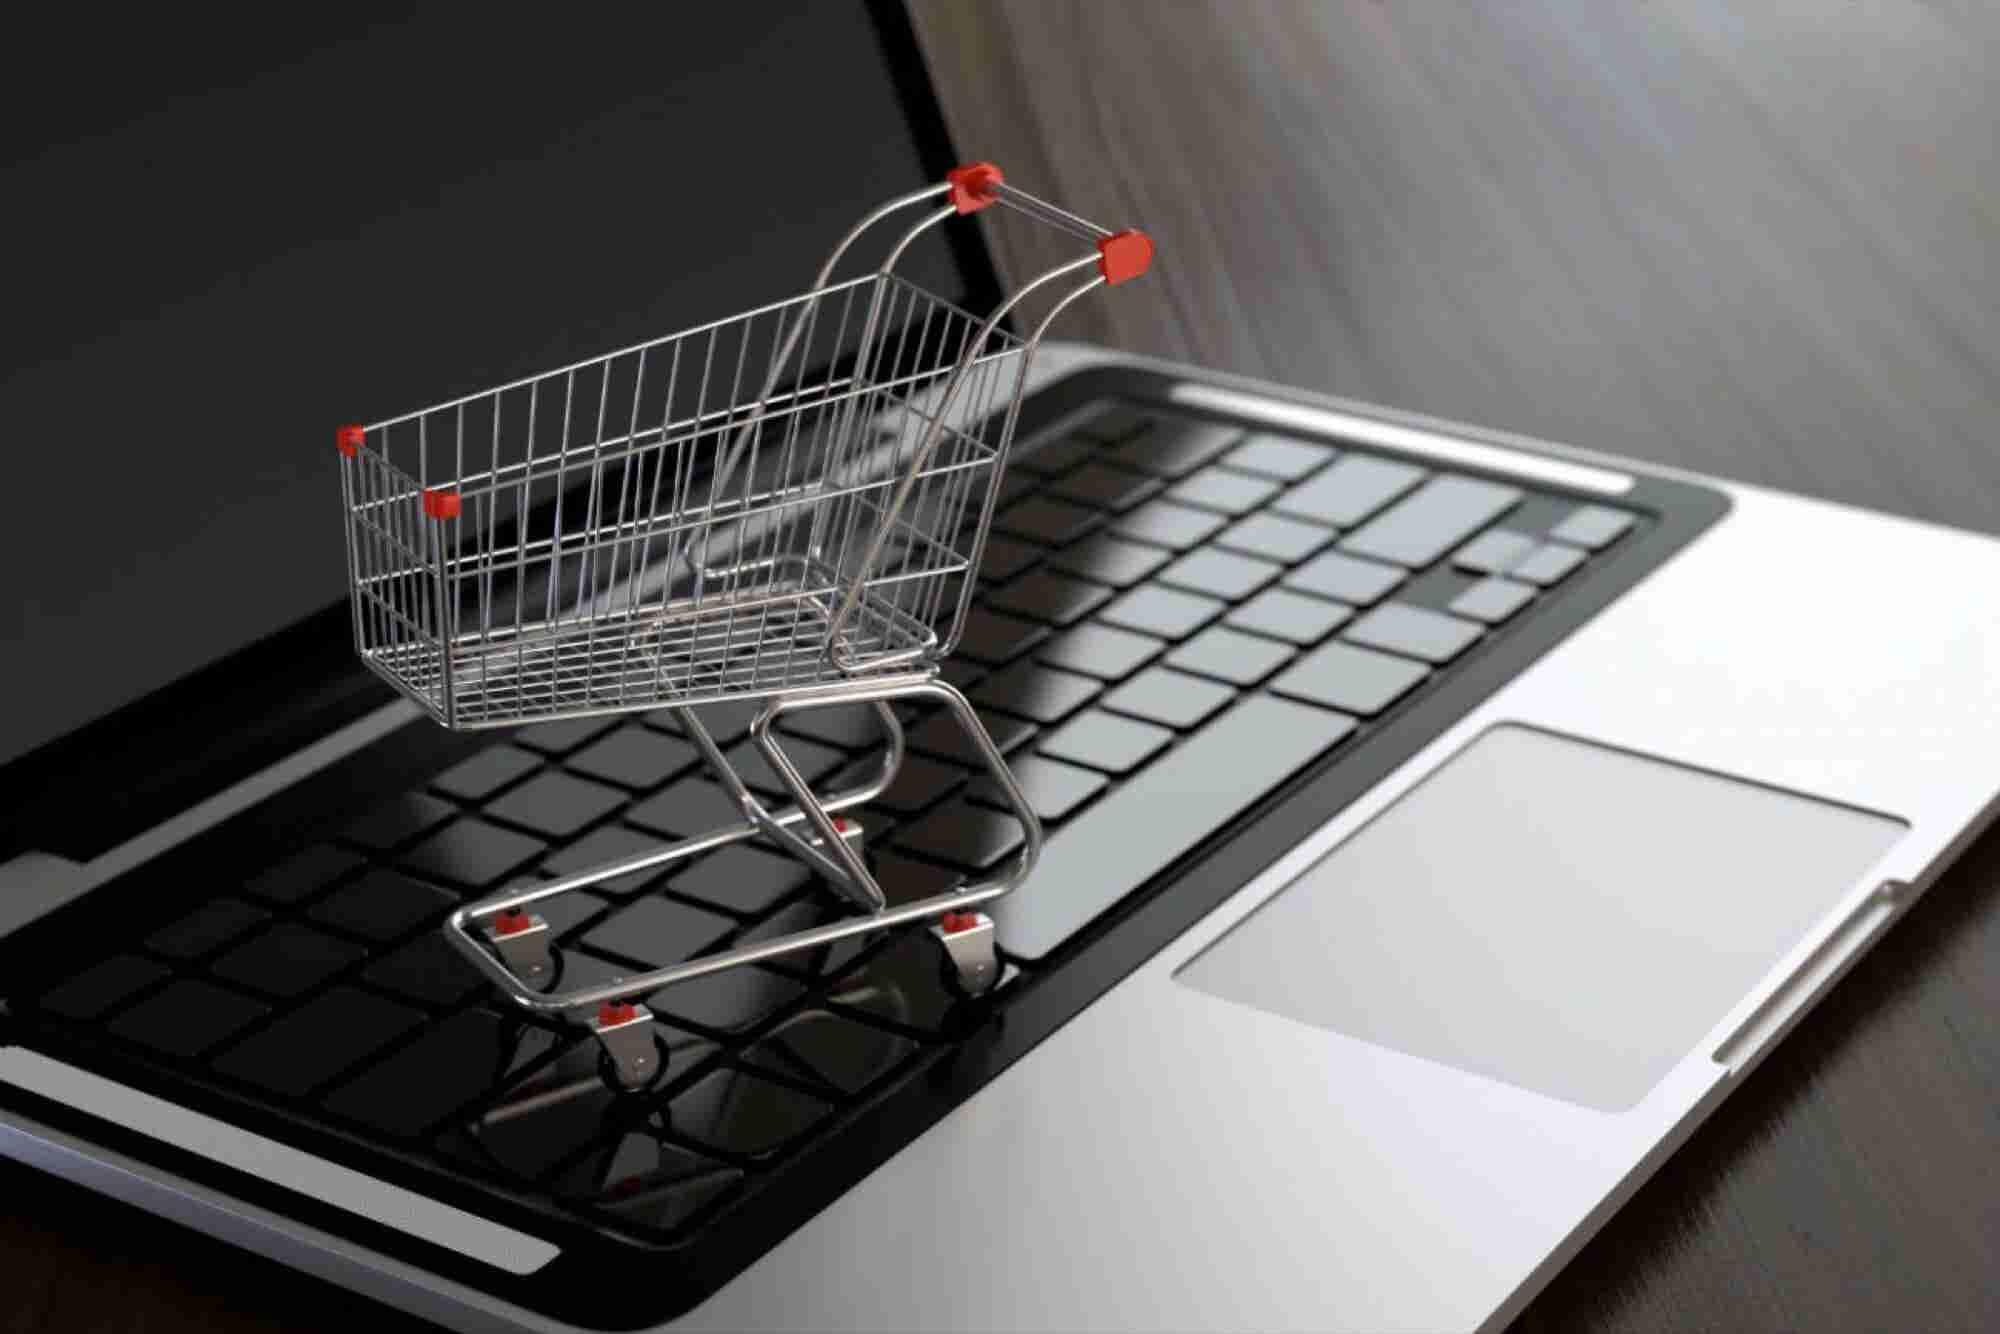 Cómo crear una tienda en línea y hacer que tus productos se vean atractivos